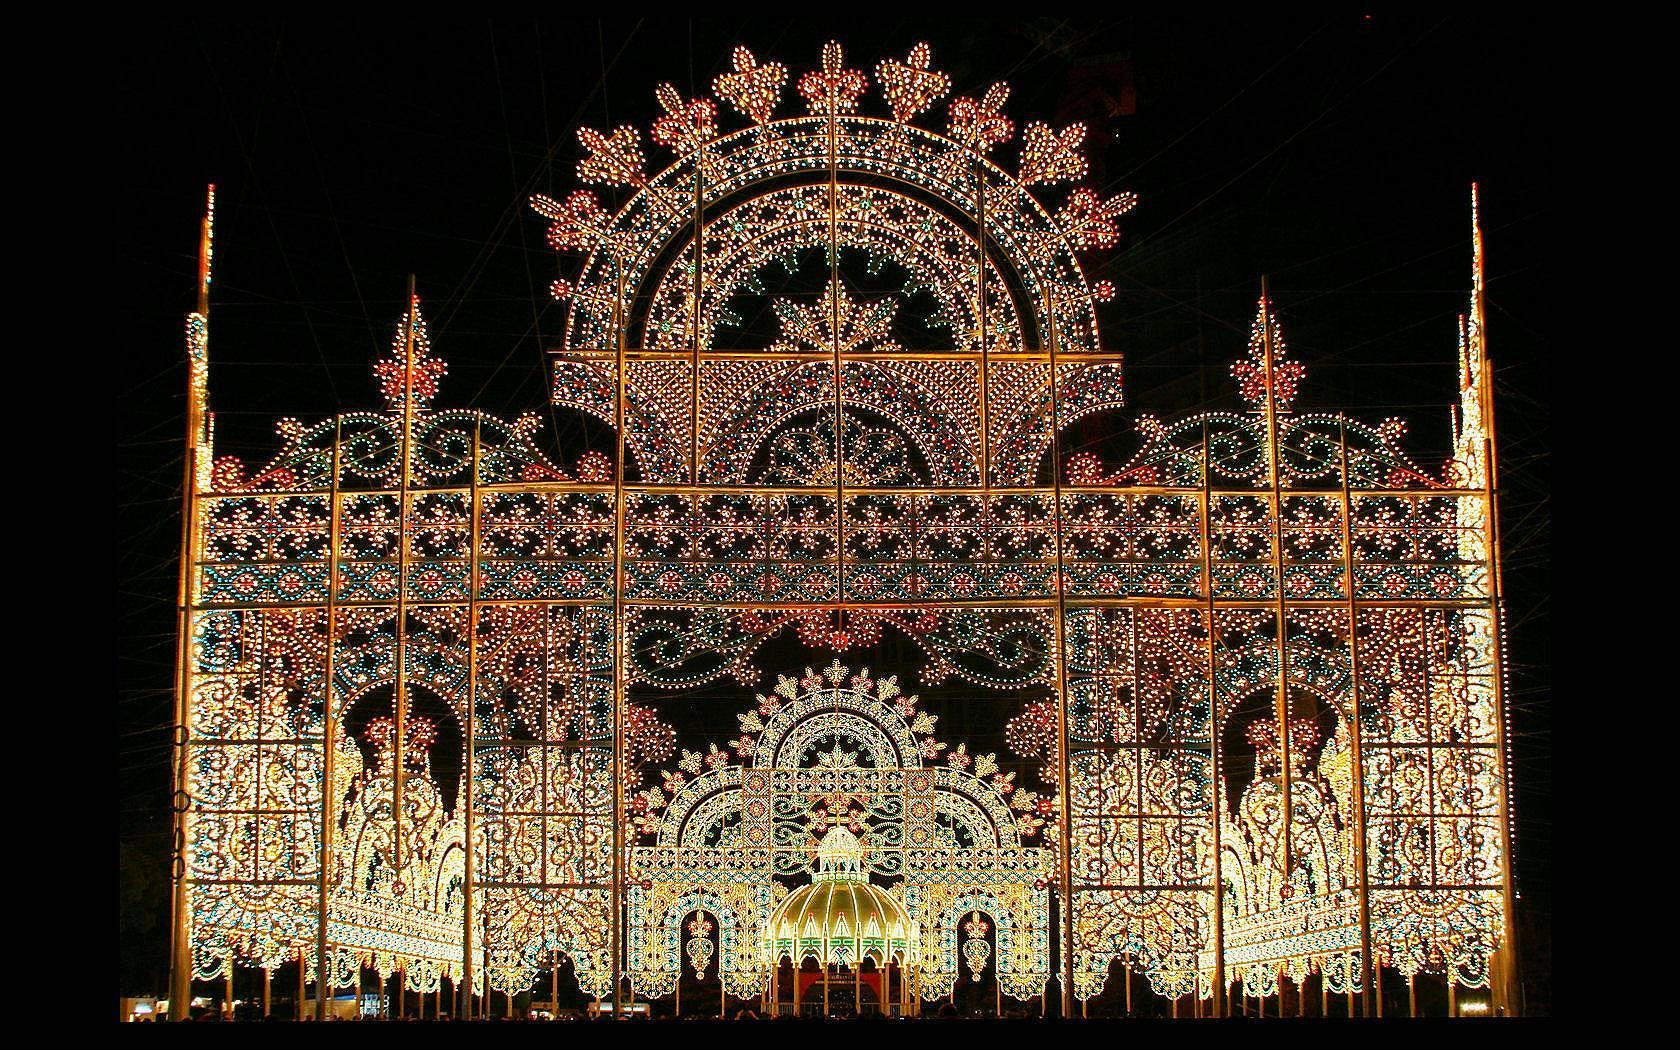 【※写真あり】「神戸ルミナリエ2017」は12月8日(金) ~ 12月17日(日)開催! #神戸ルミナリエ